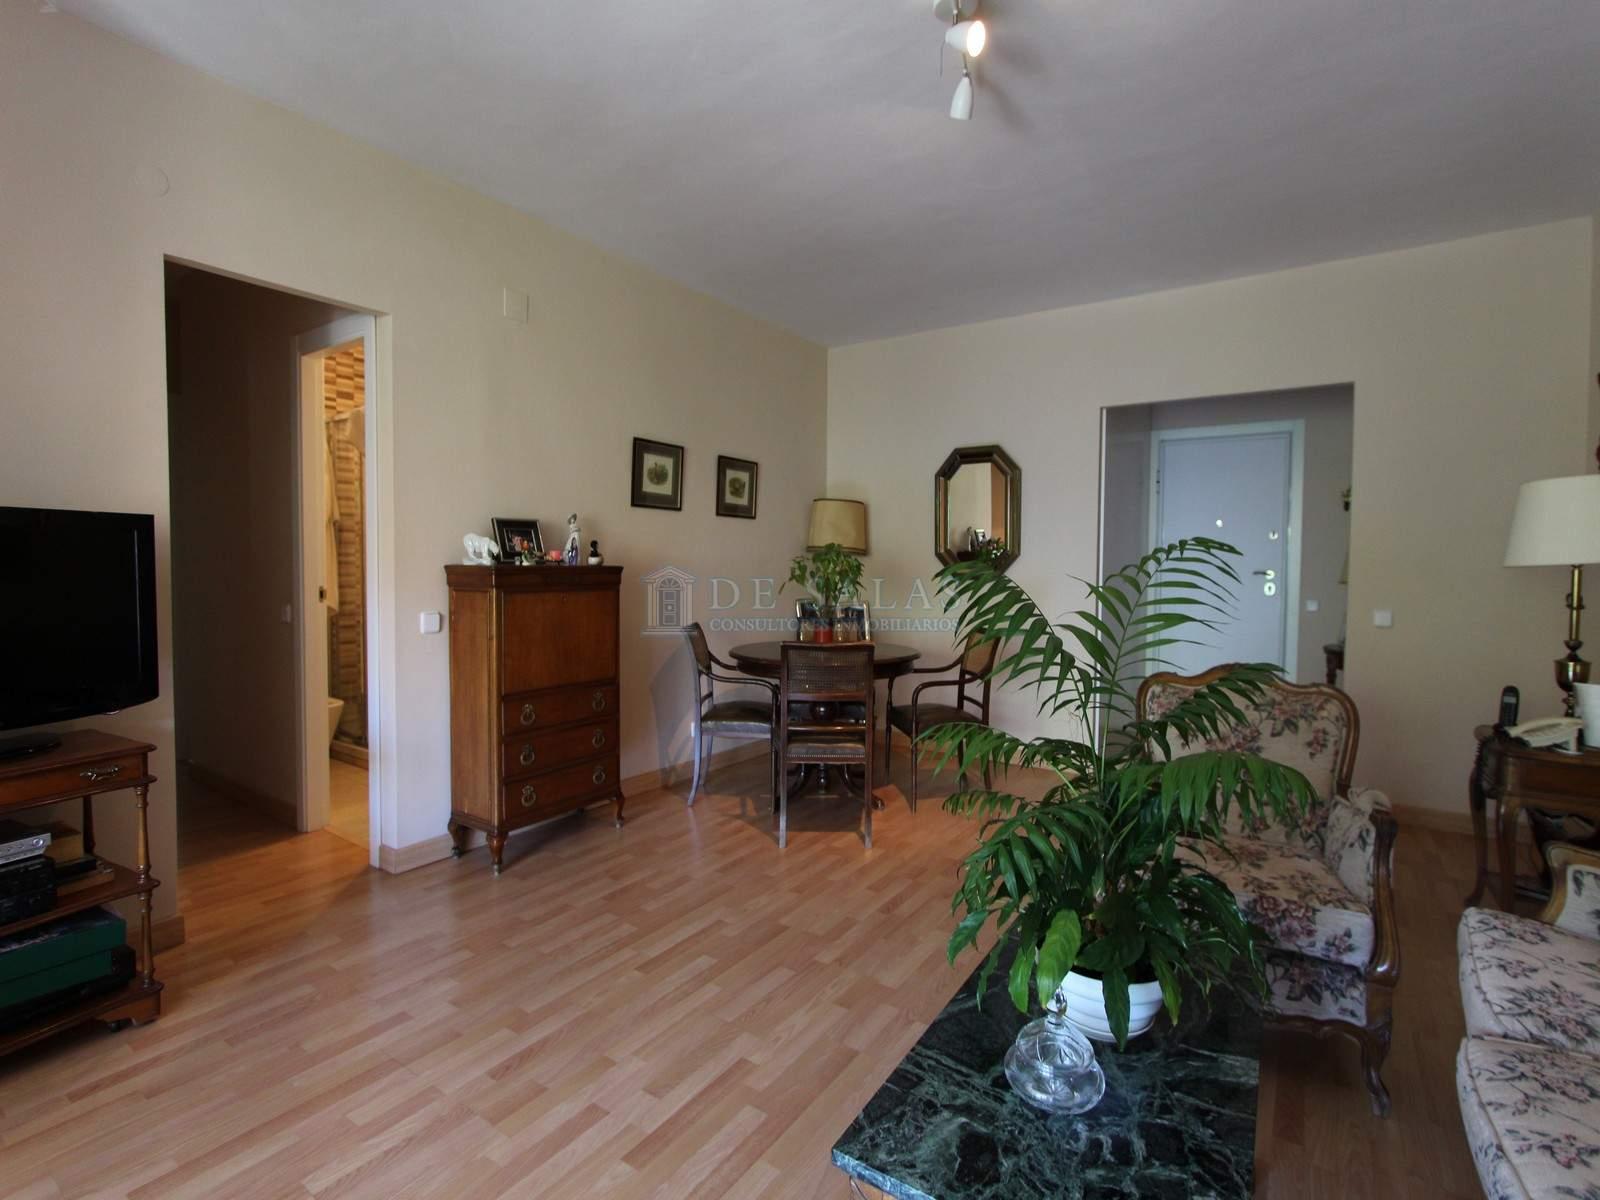 Salón (3) Flat Fuentelarreina